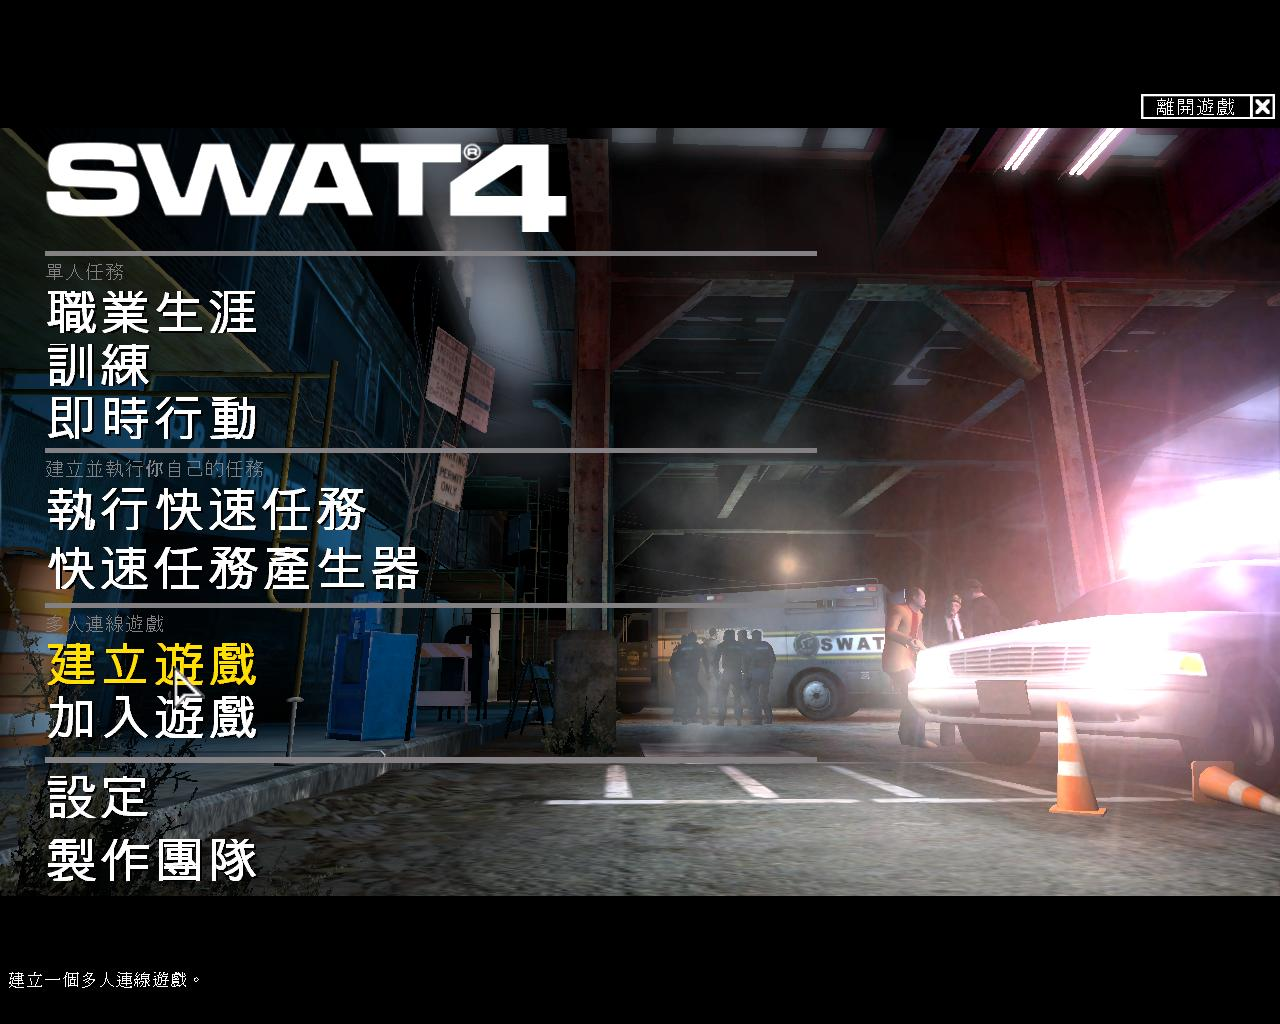 Swat4 2014-12-31 10-14-26-79.jpg